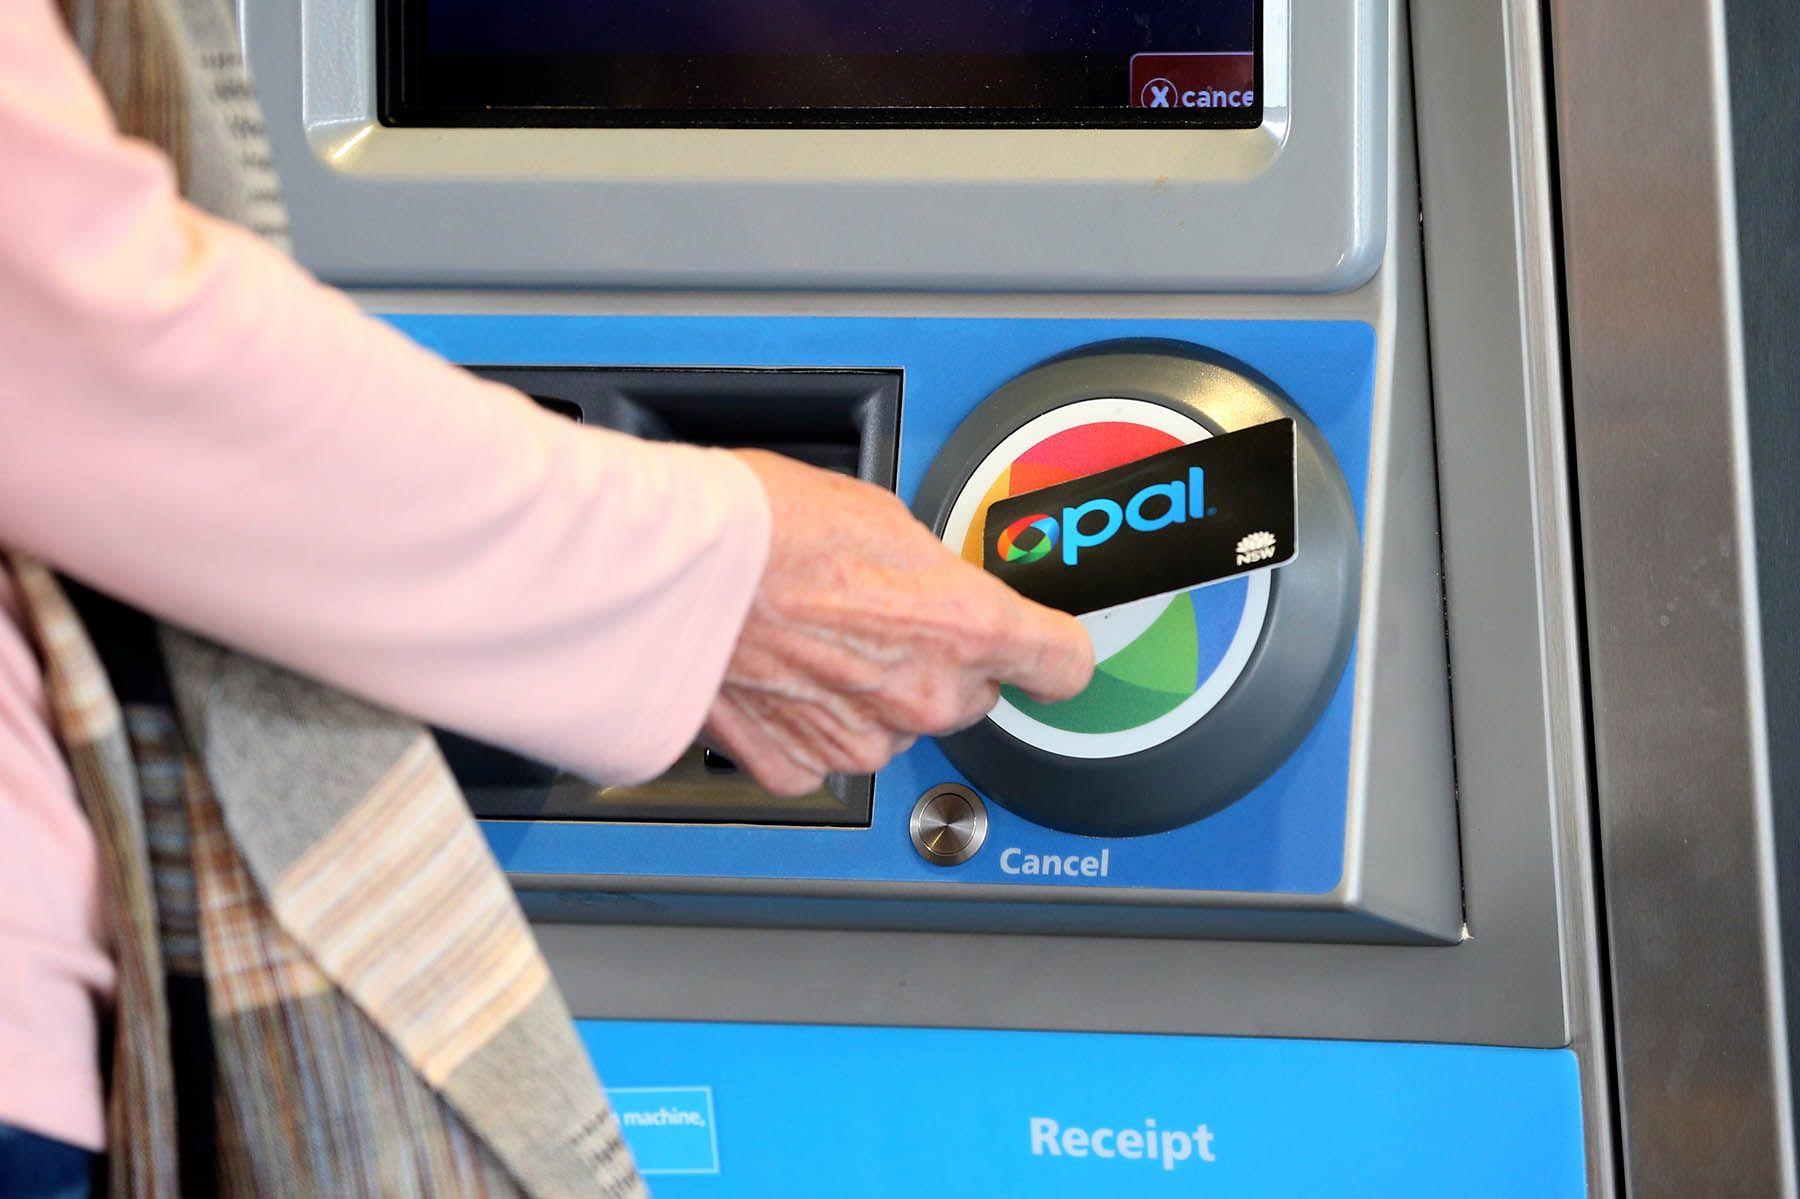 80 میلیون دلار اعتبار در اوپال کارتهای بدون مصرف